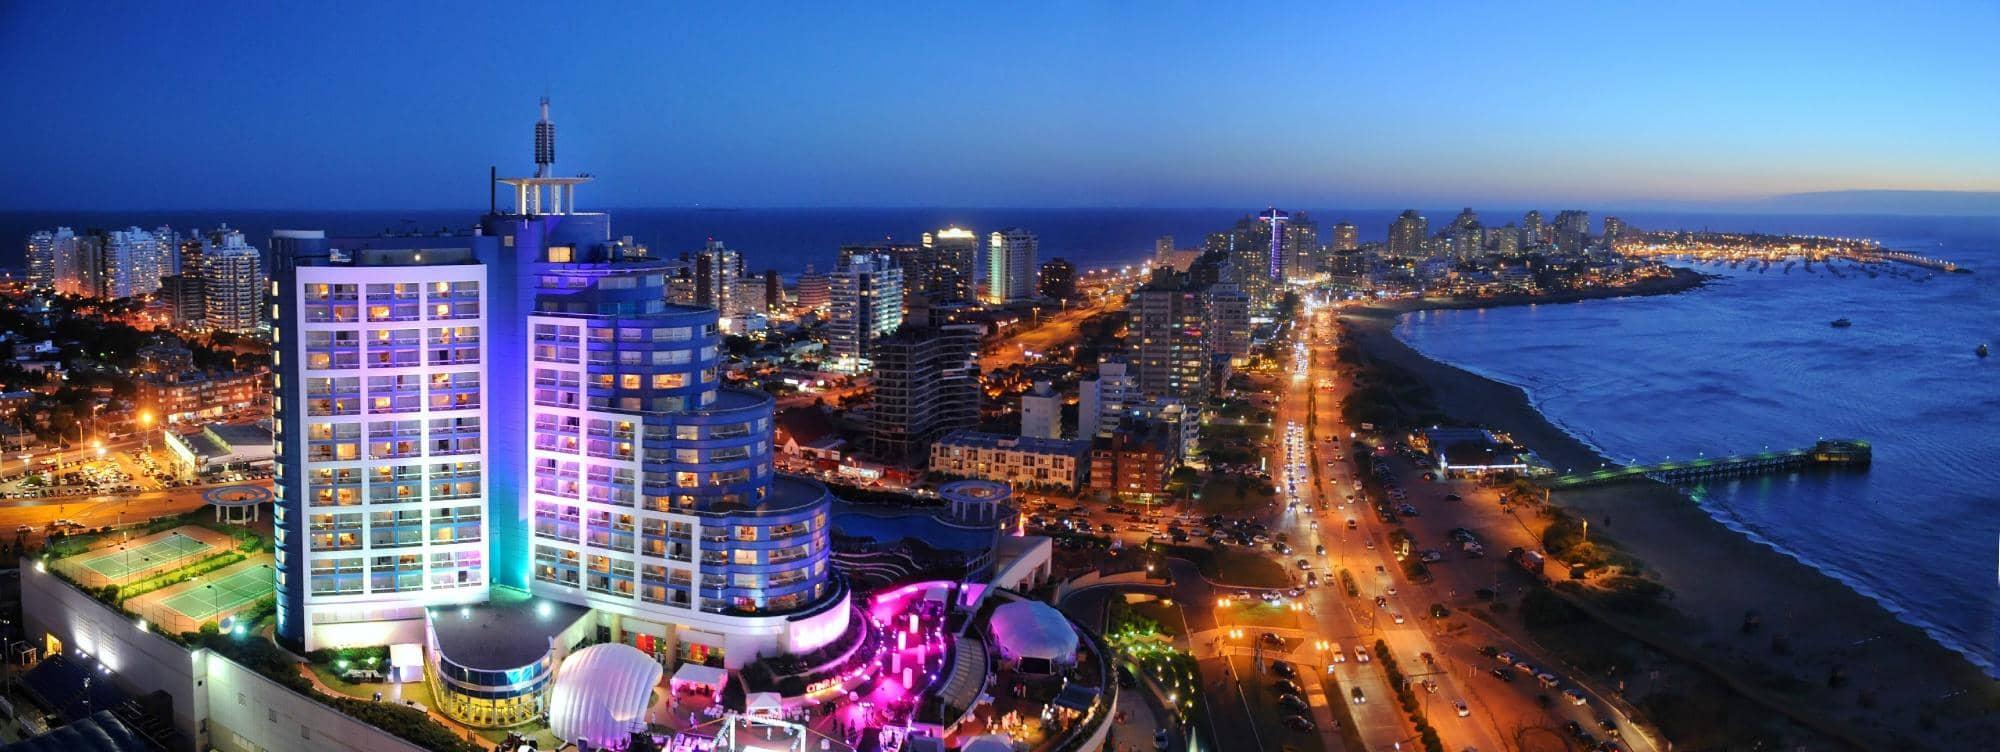 Aluguel de carro no Uruguai: Punta del Este - Uruguai